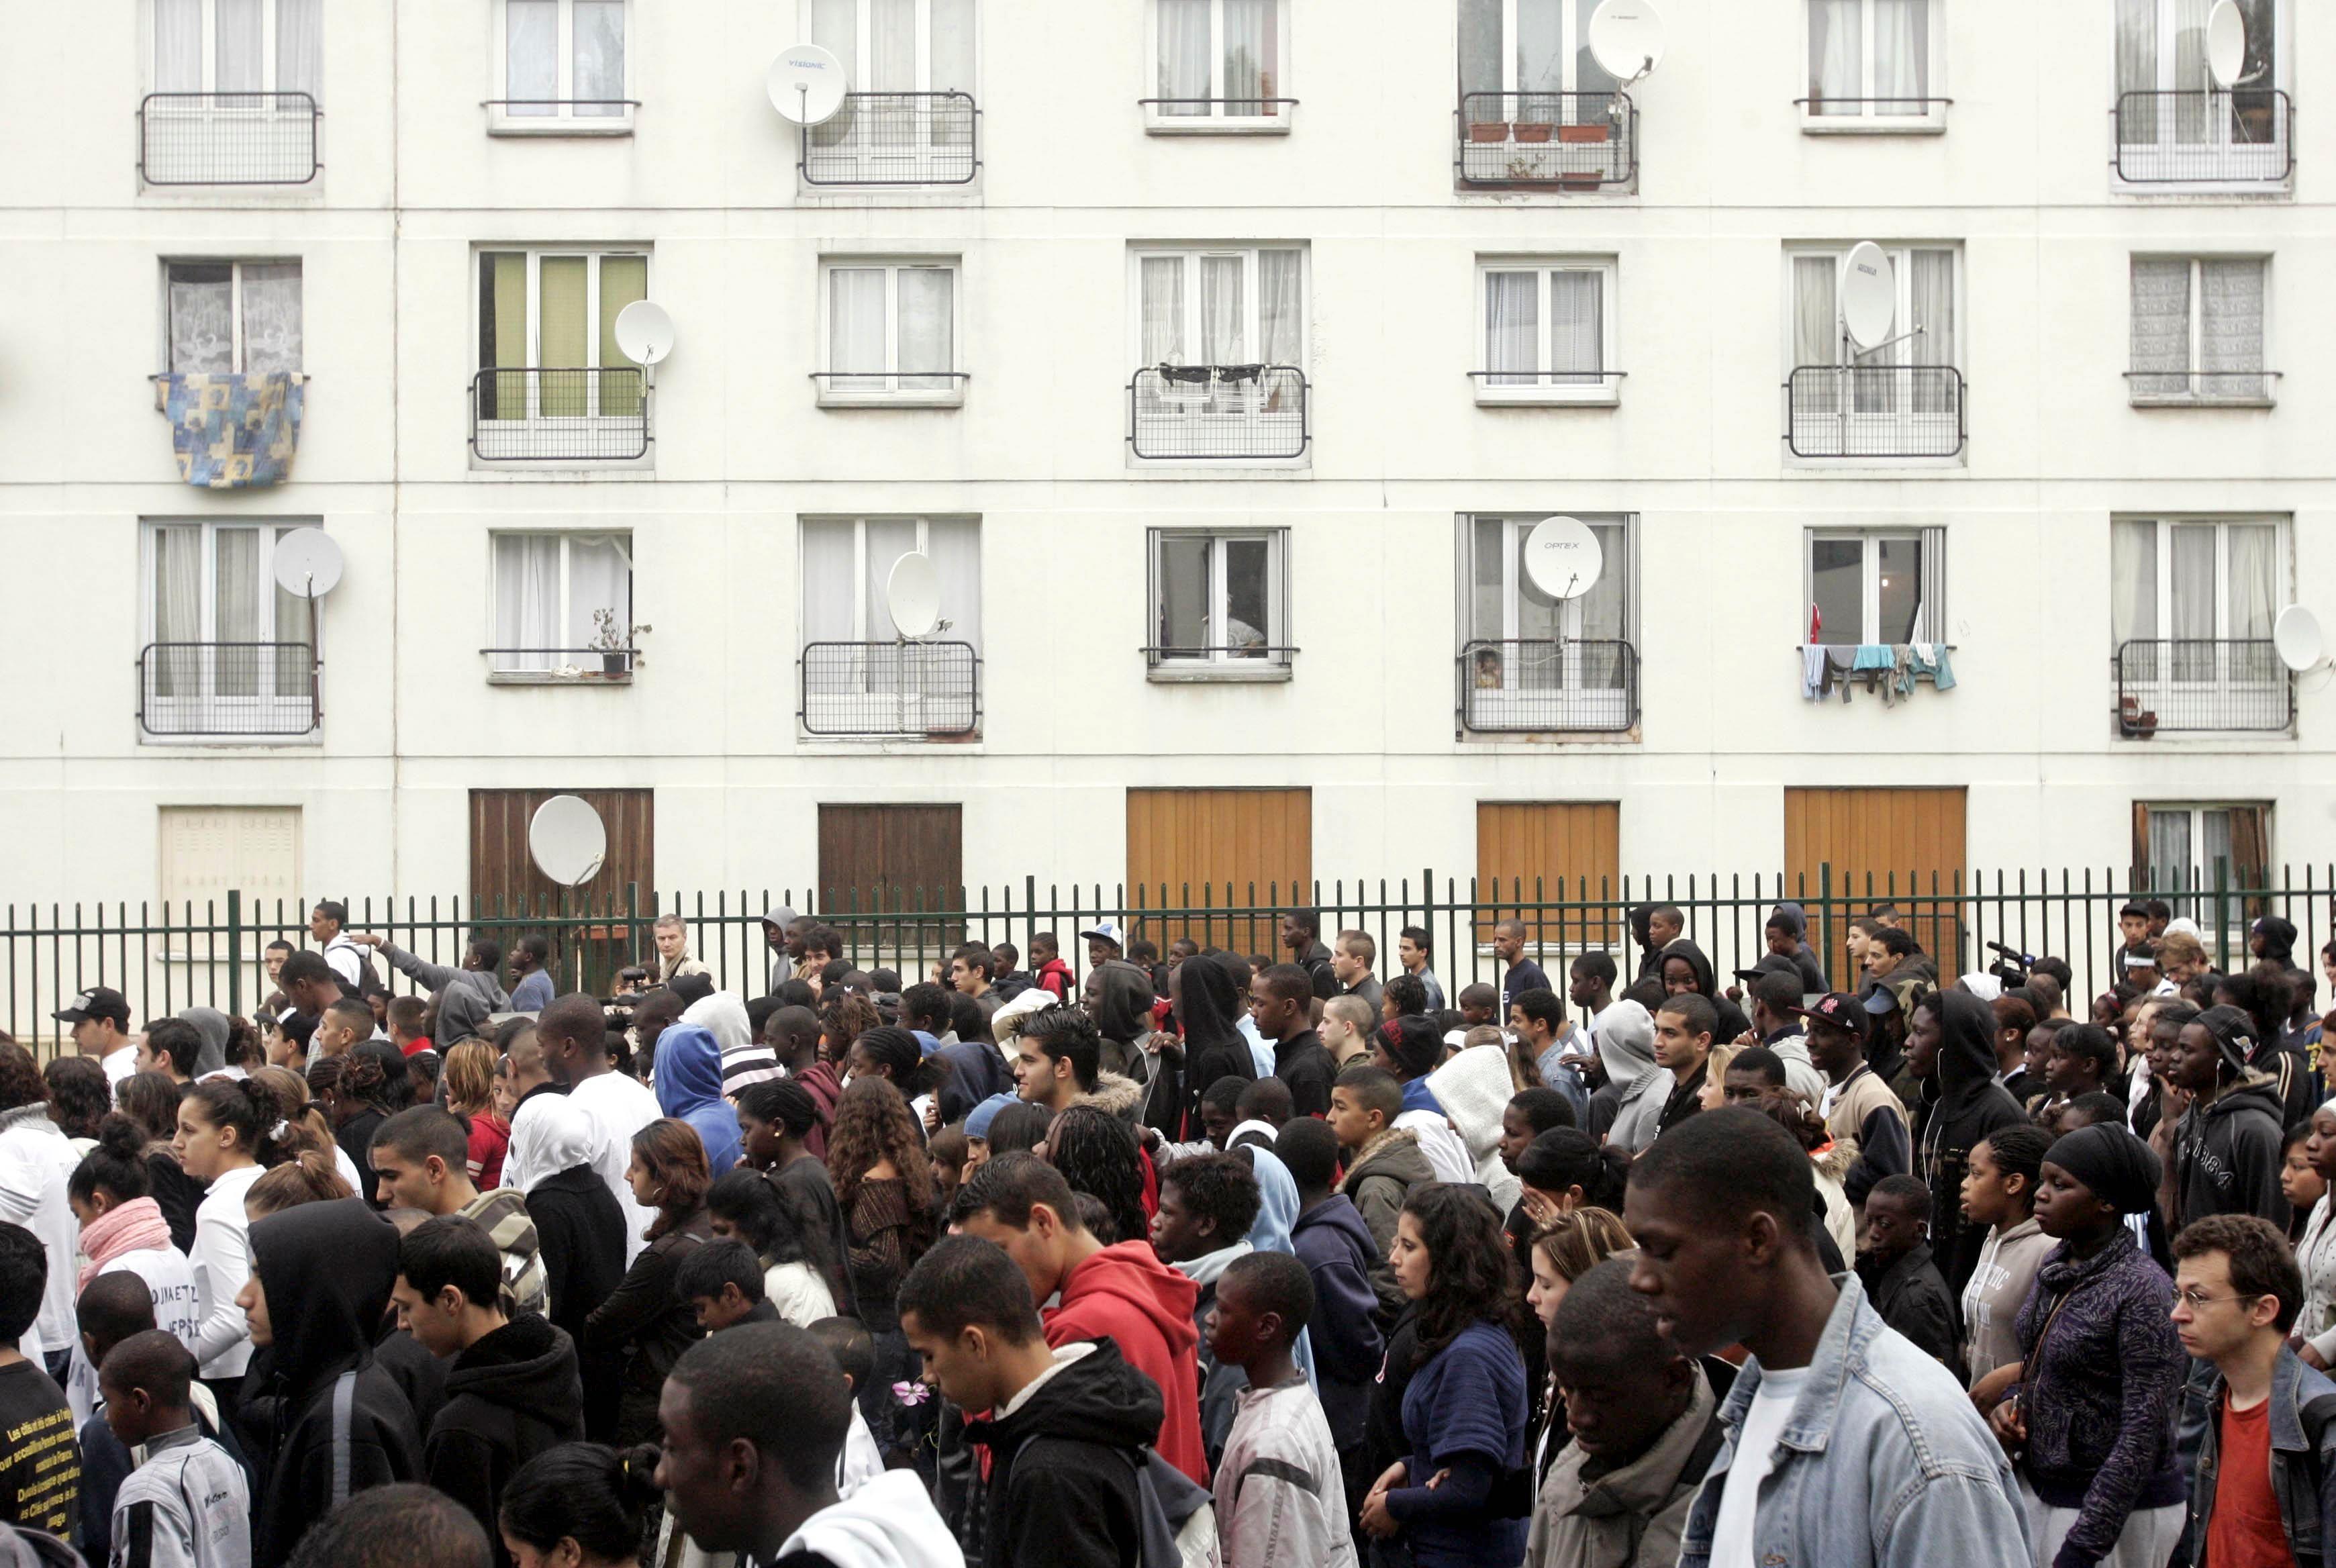 Manifestations à Clichy-sous-Bois - Crédits Reuters